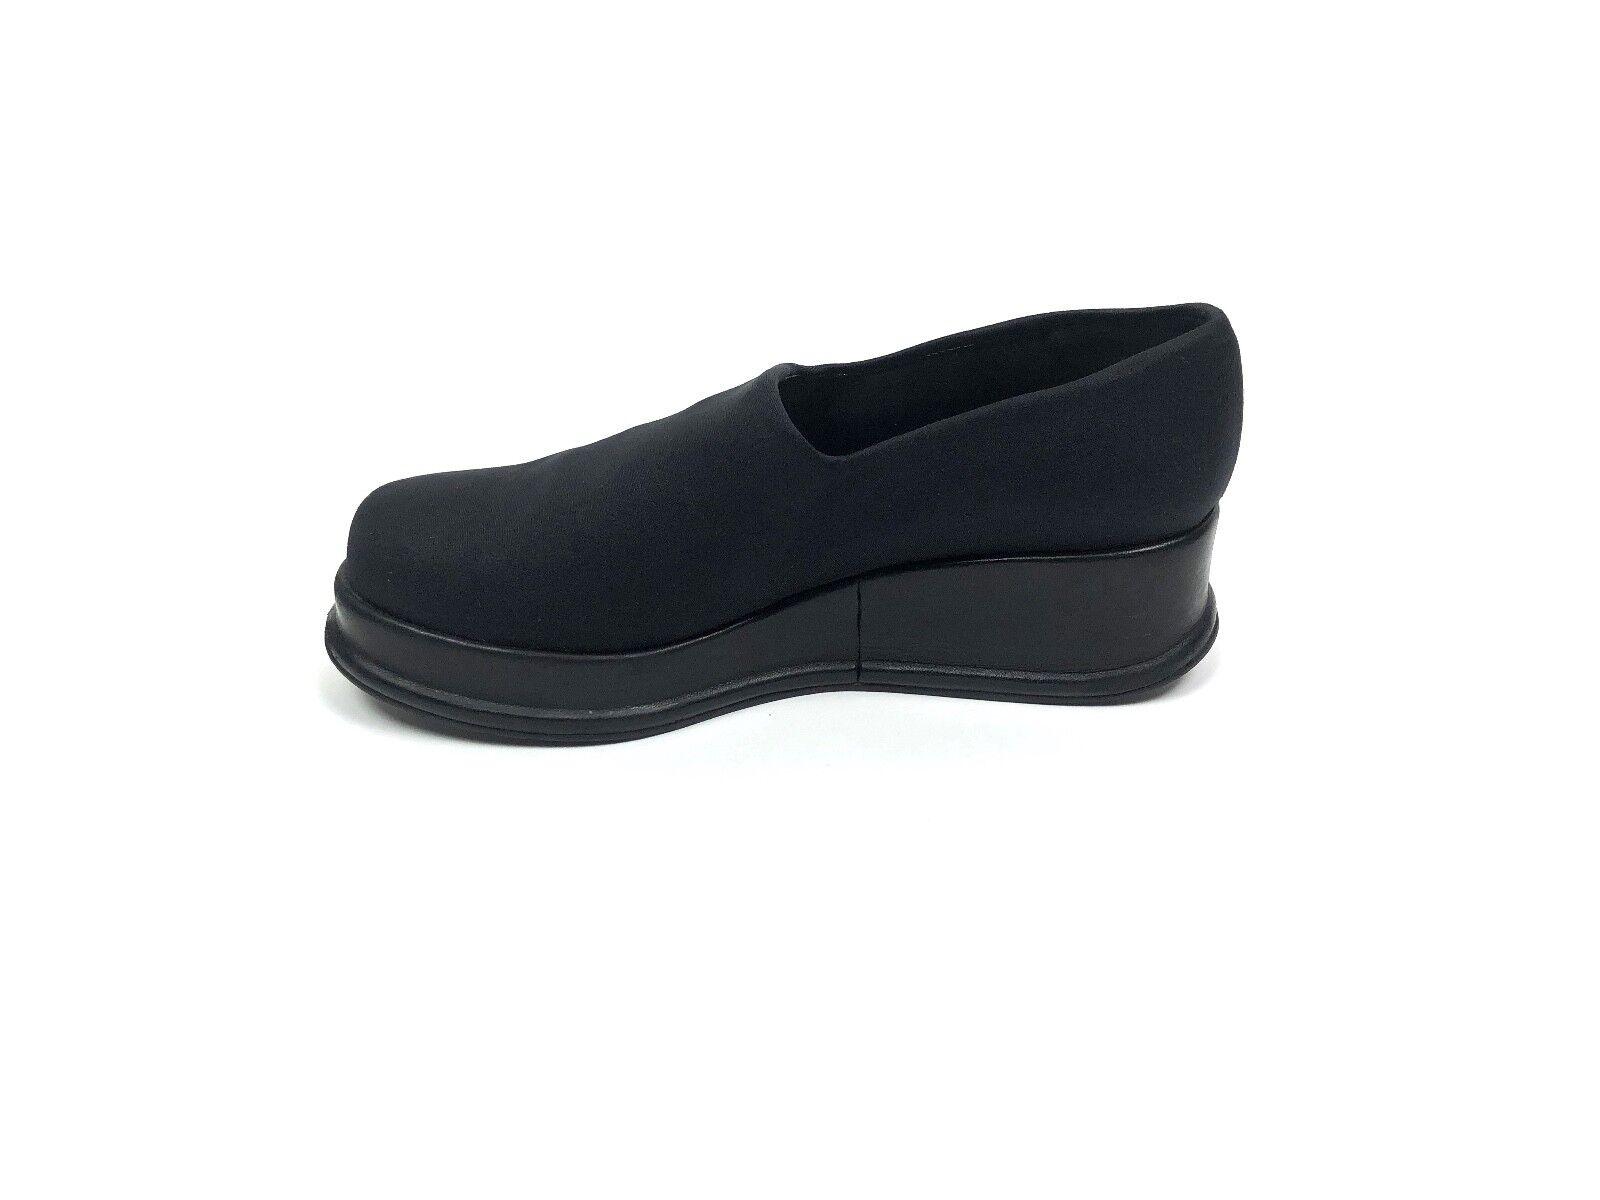 Robert Clergerie Satin Wedge Heel Platform Slip-On Schuhes Größe 8 1/2